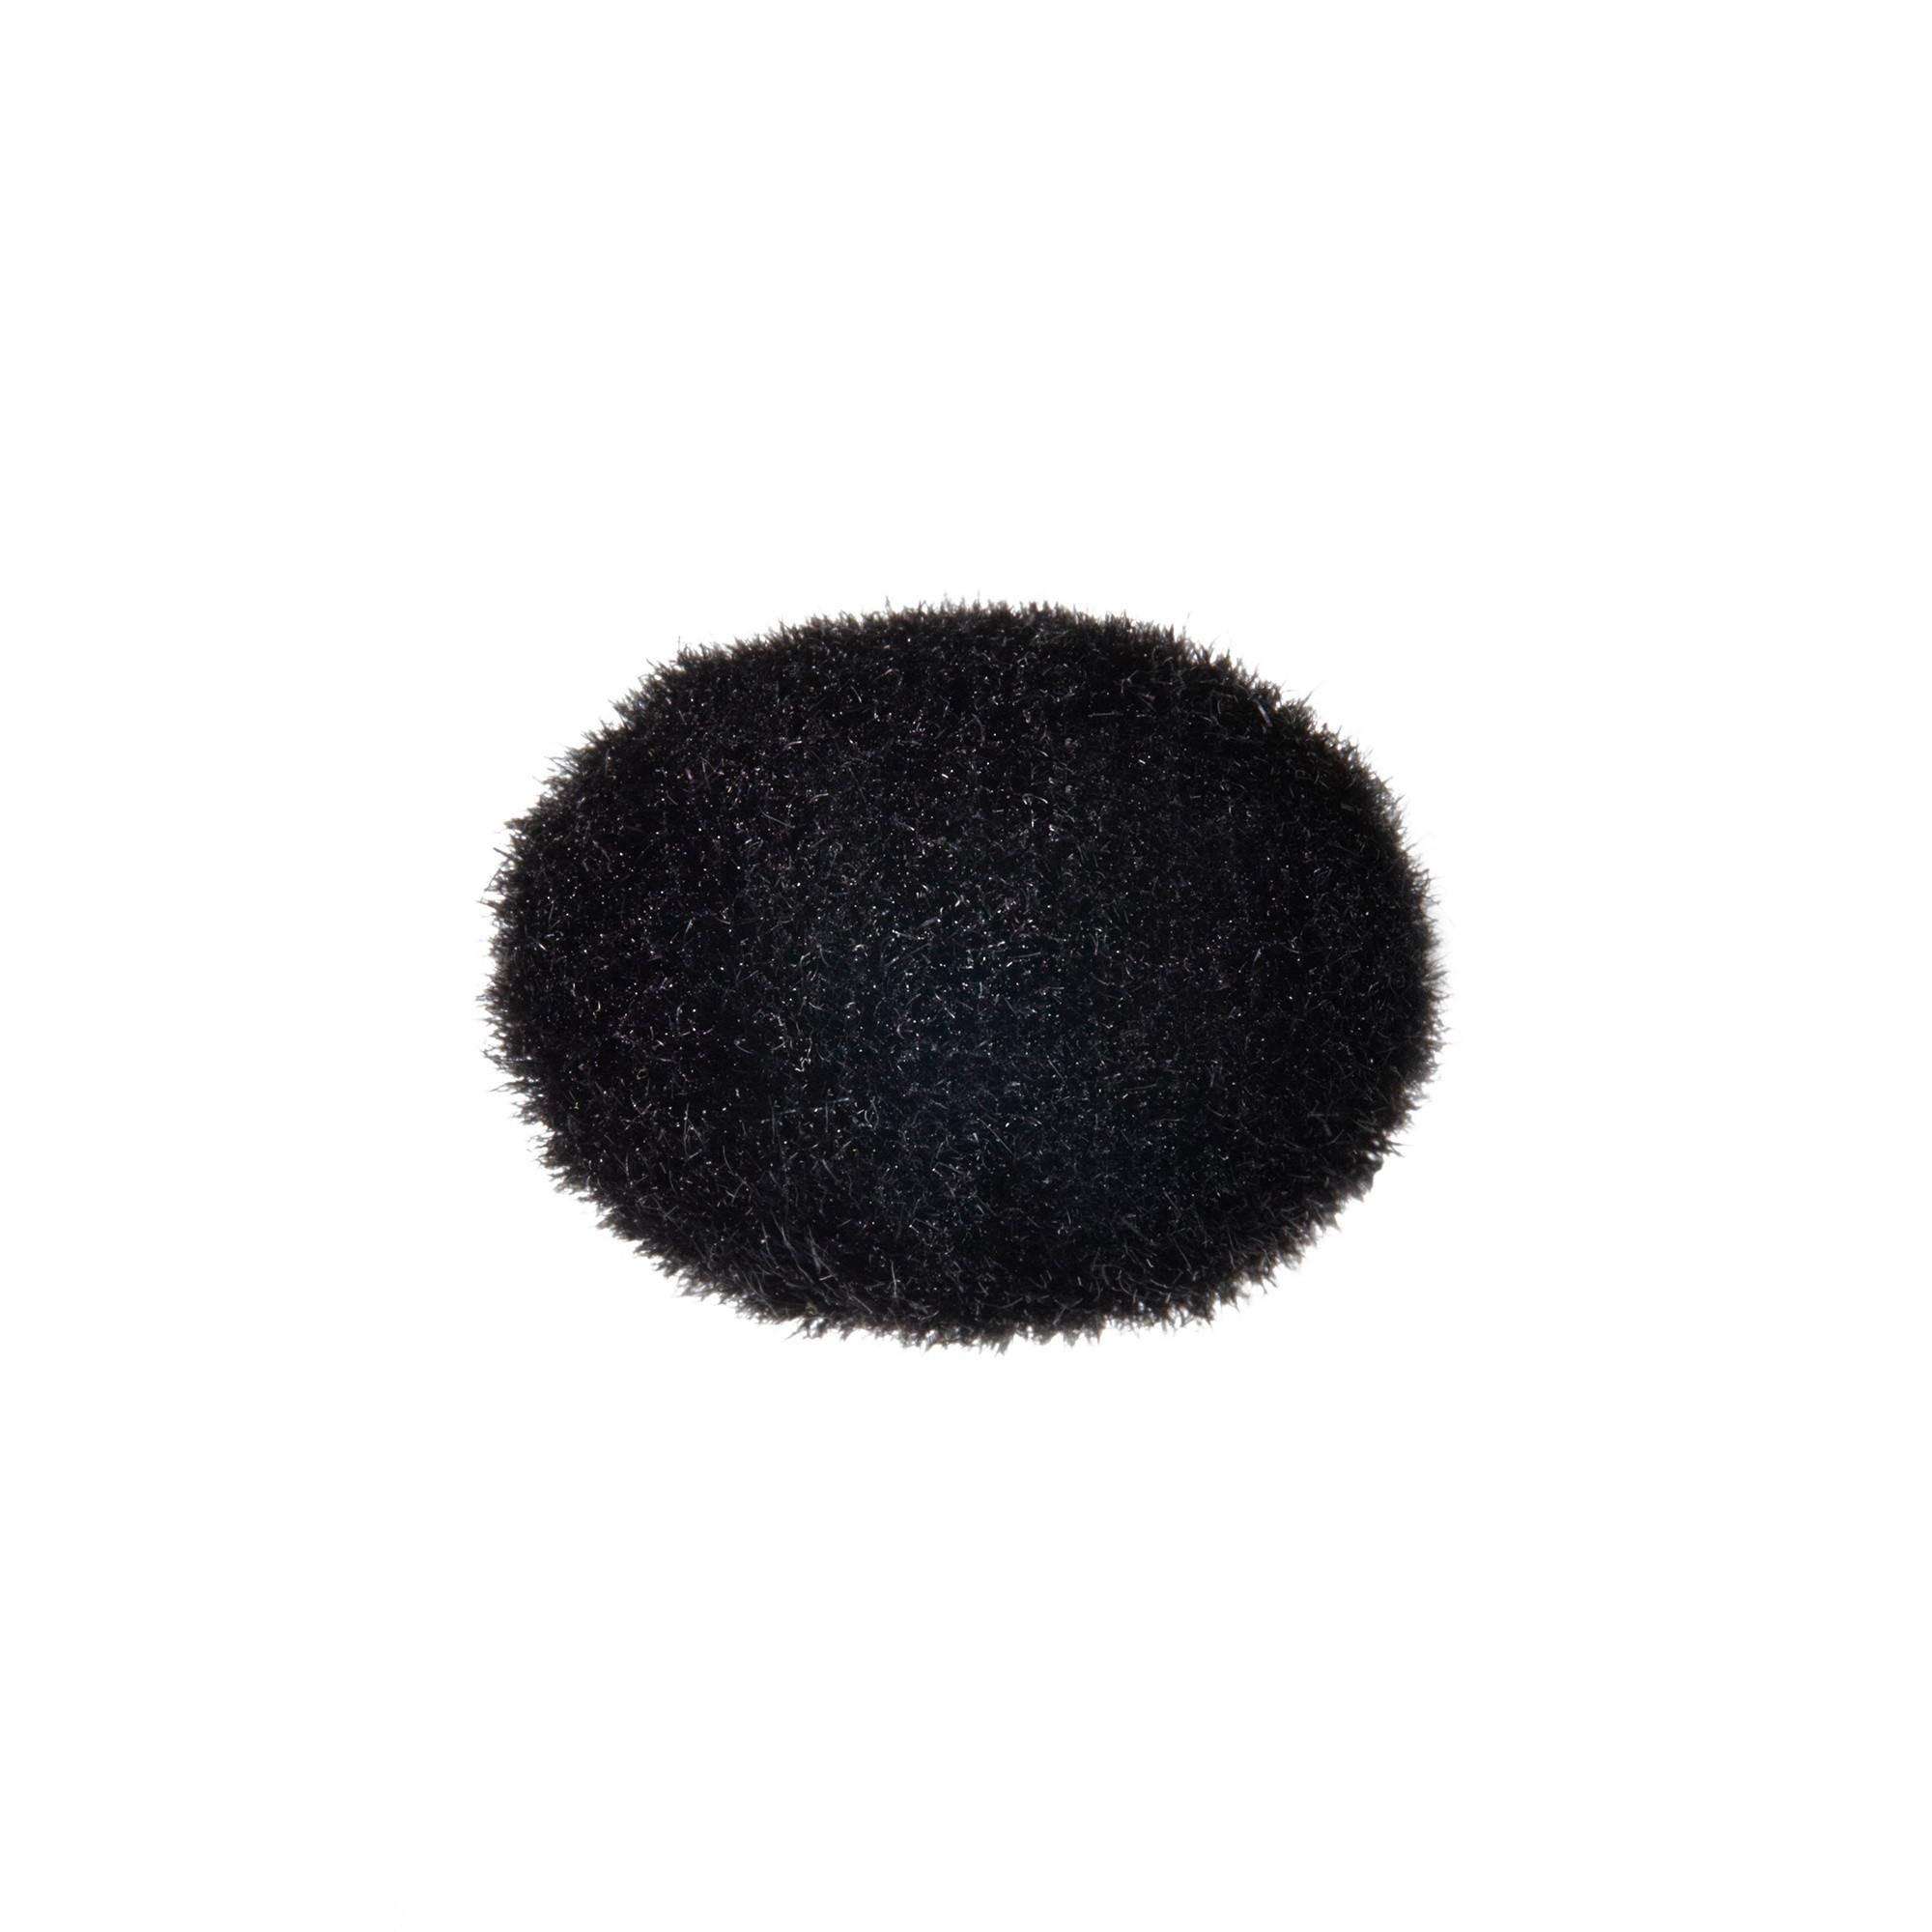 Brush - 150S Large Powder, Nero, large image number 2